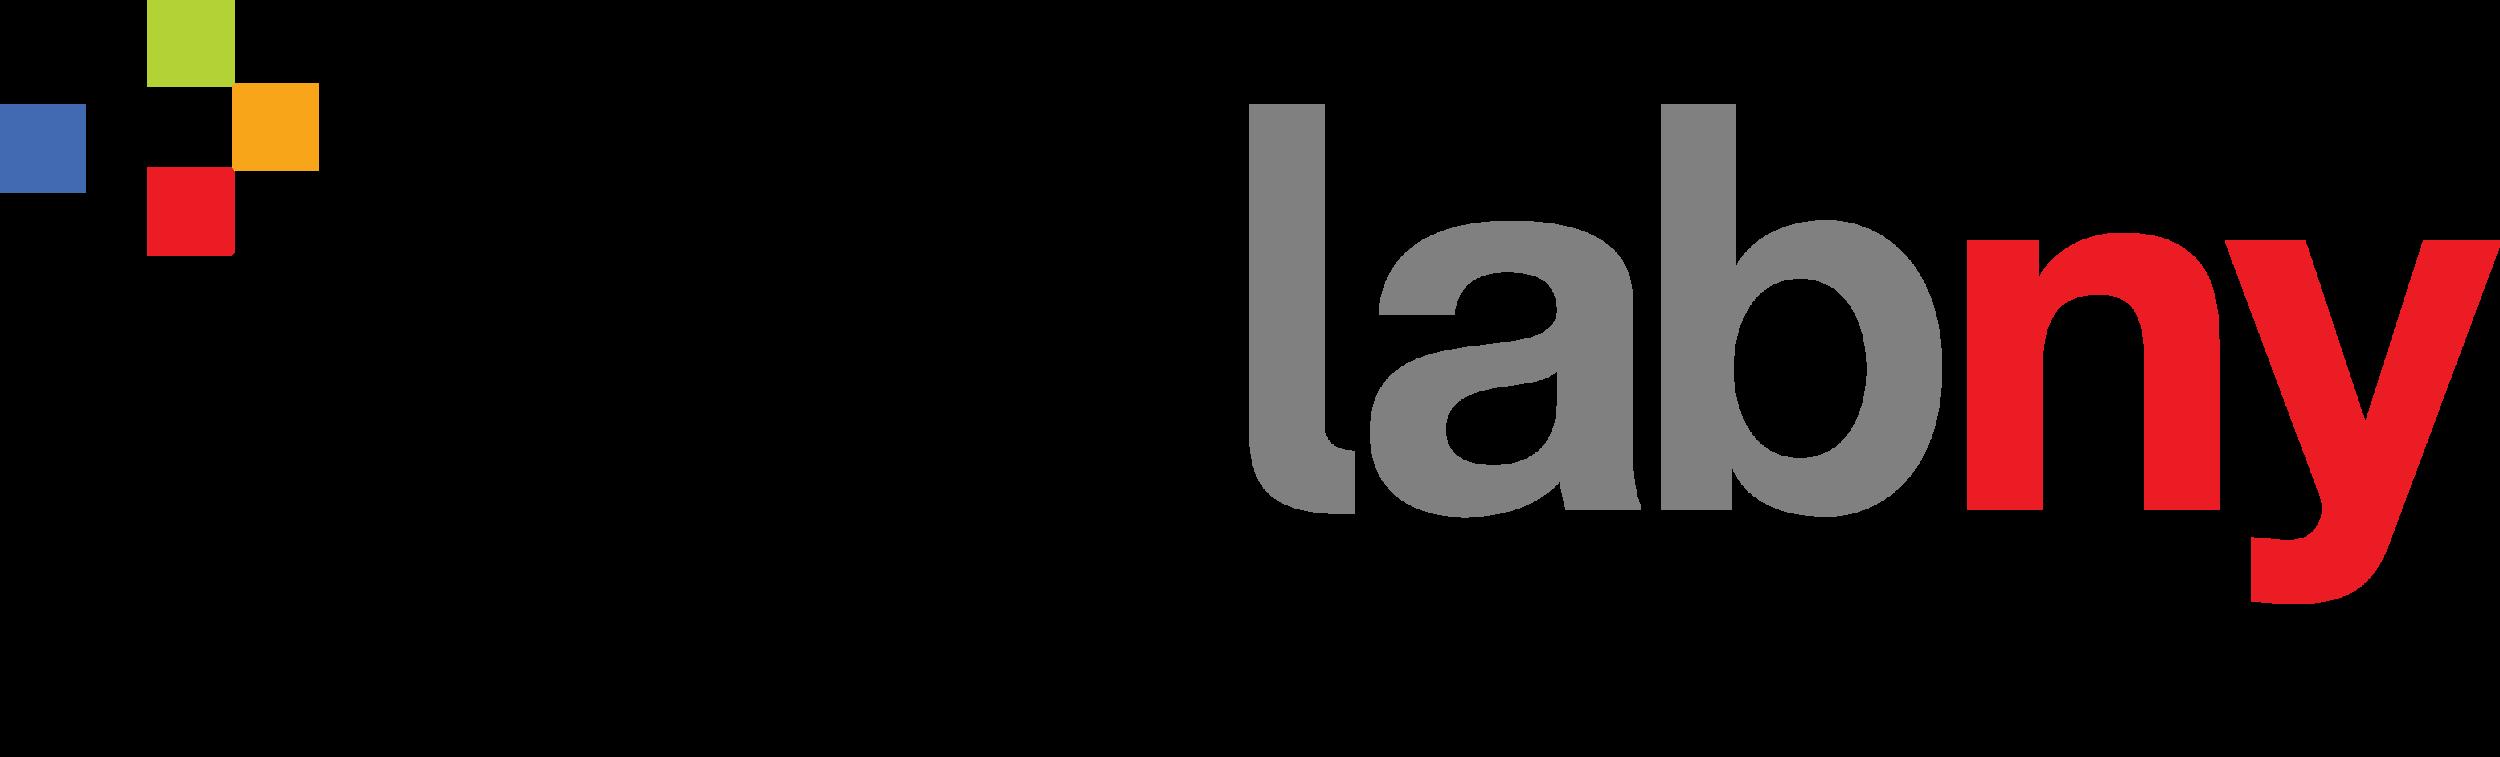 idealab_NY_logo.png